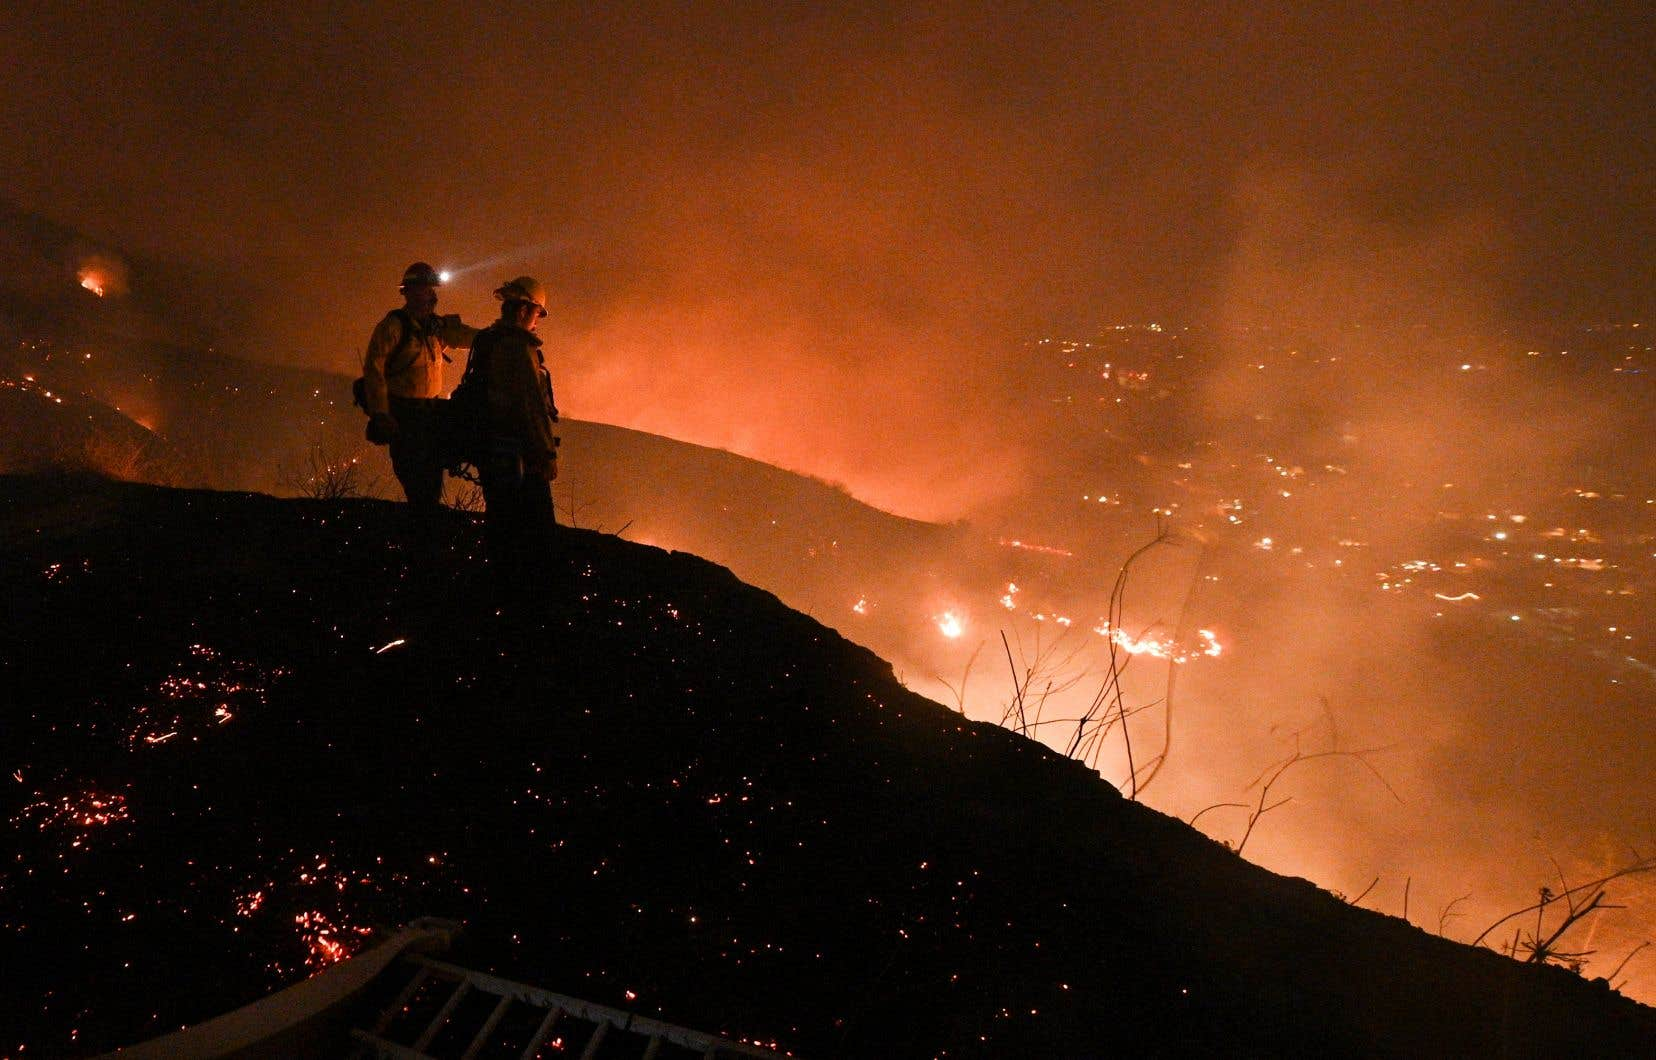 En 2020, des incendies de forêt ont fait rage sur la côte ouest des États-Unis. Dans l'État de la Californie, la superficie brûlée a été plus de quatre fois plus élevée que la moyenne des années 2015 à 2019.